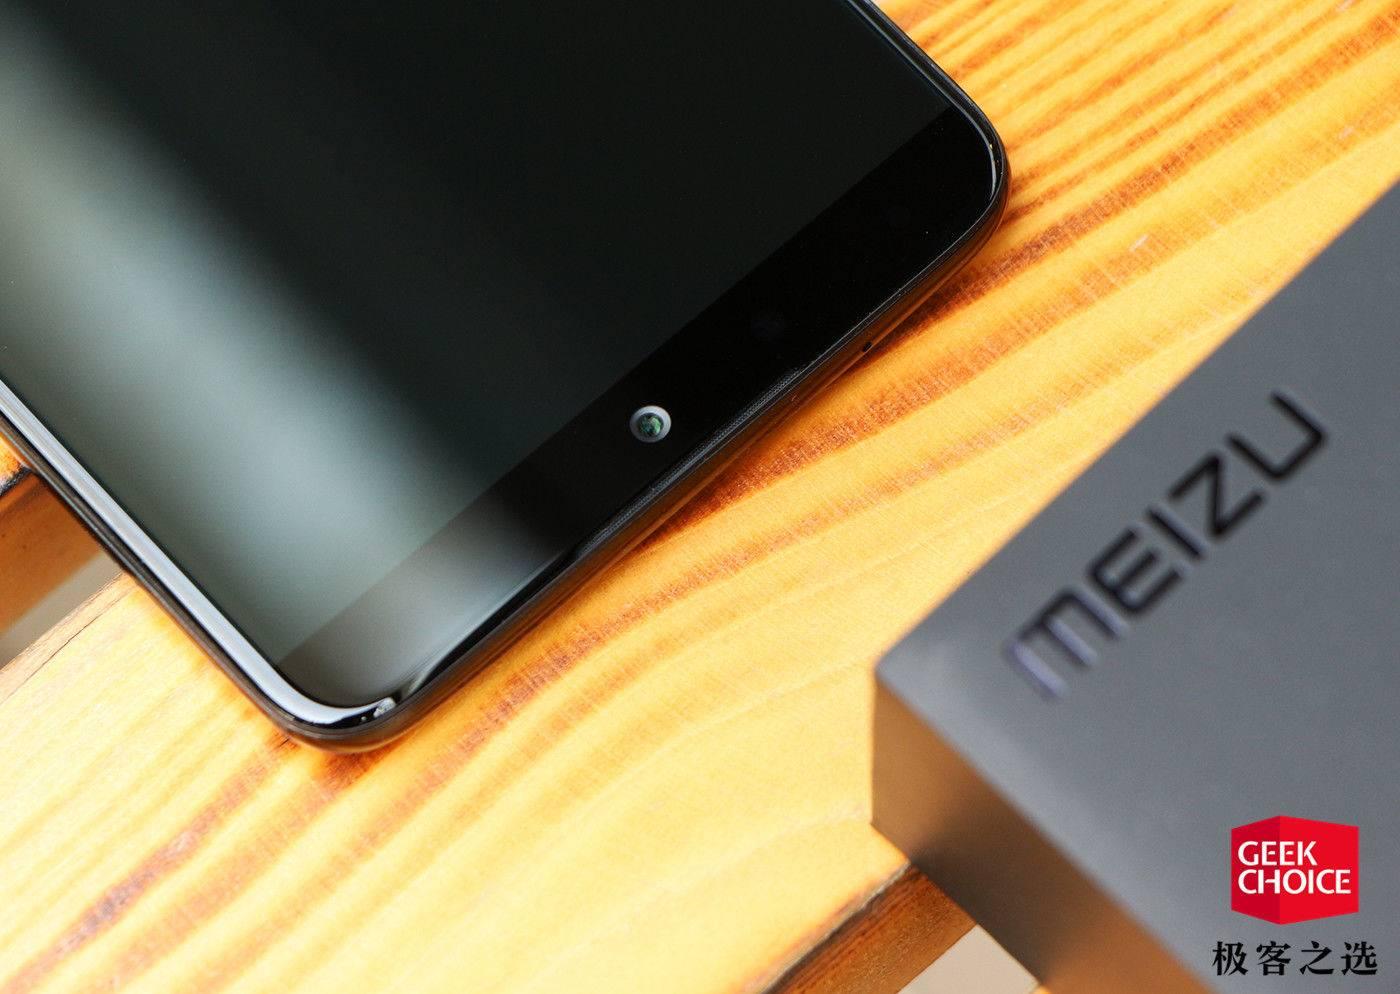 也许很多人还不知道,魅族15竟能媲美 iPhone 的触觉反馈体验